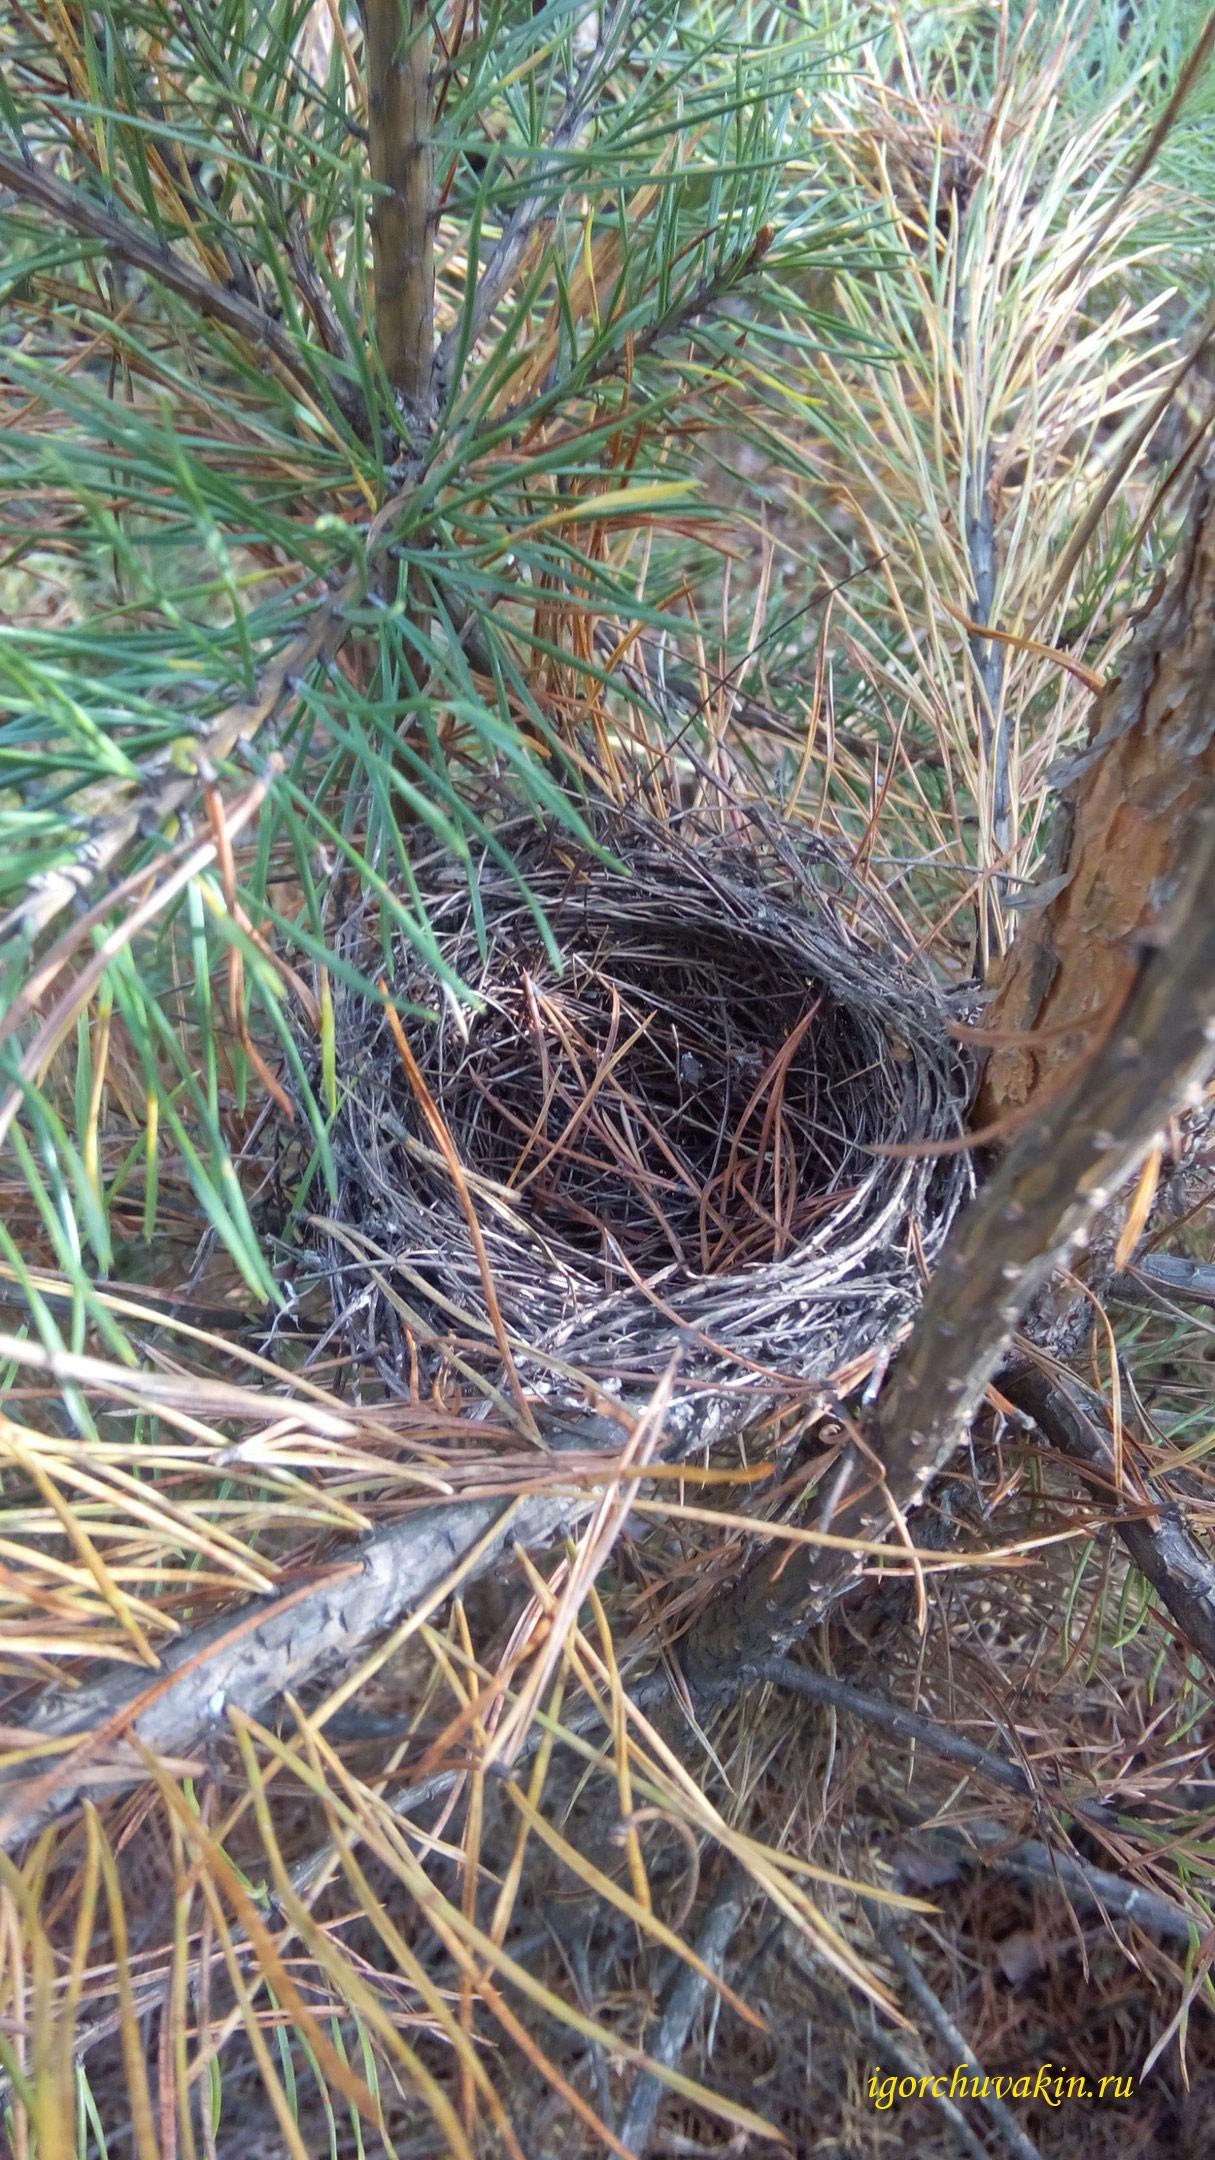 Гнездо. фото Игоря Чувакина